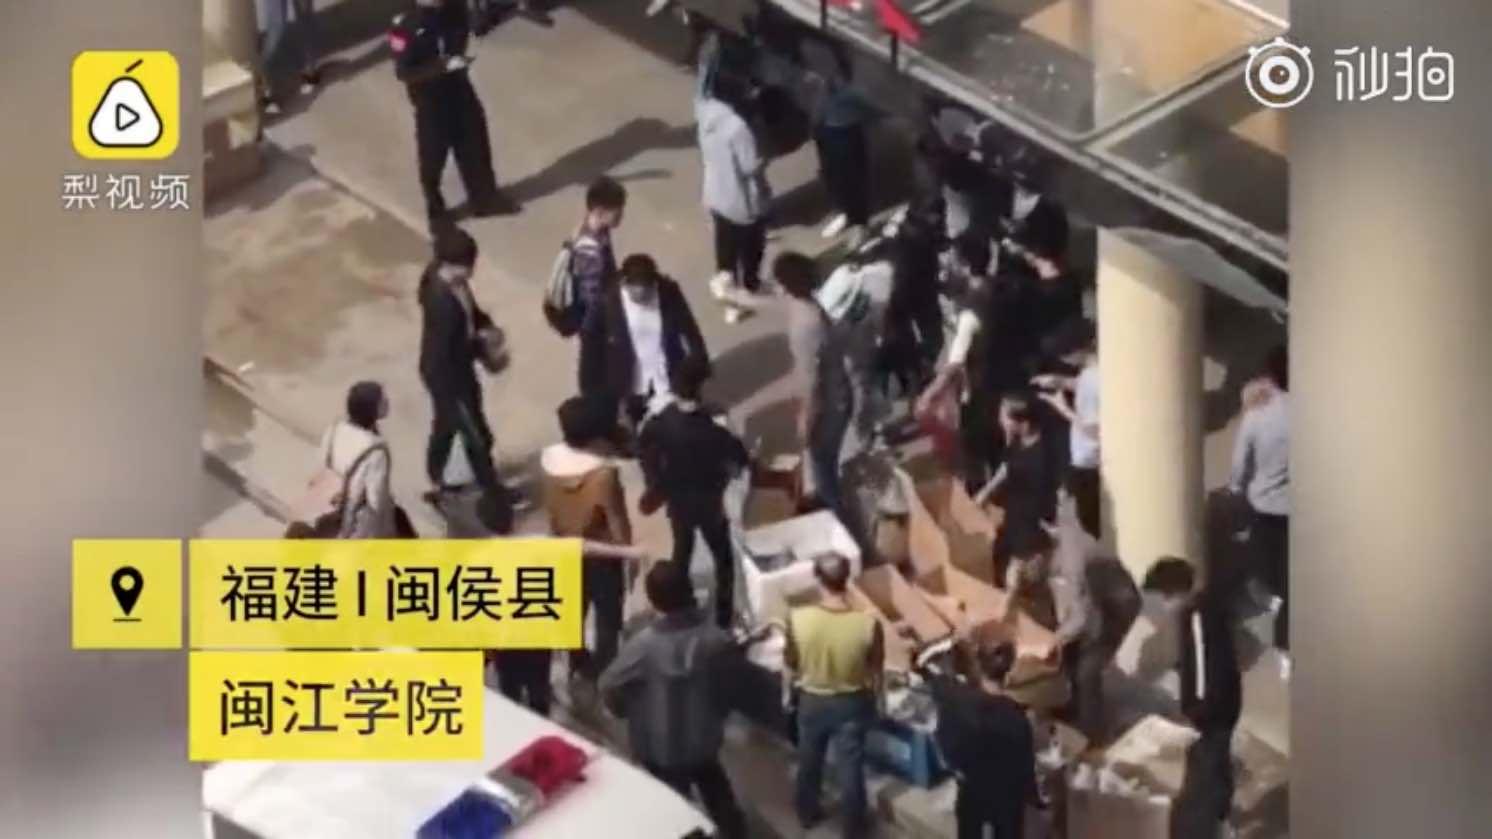 【异闻观止】商家给闽江学院学生发免费餐后续:4名商家被拘